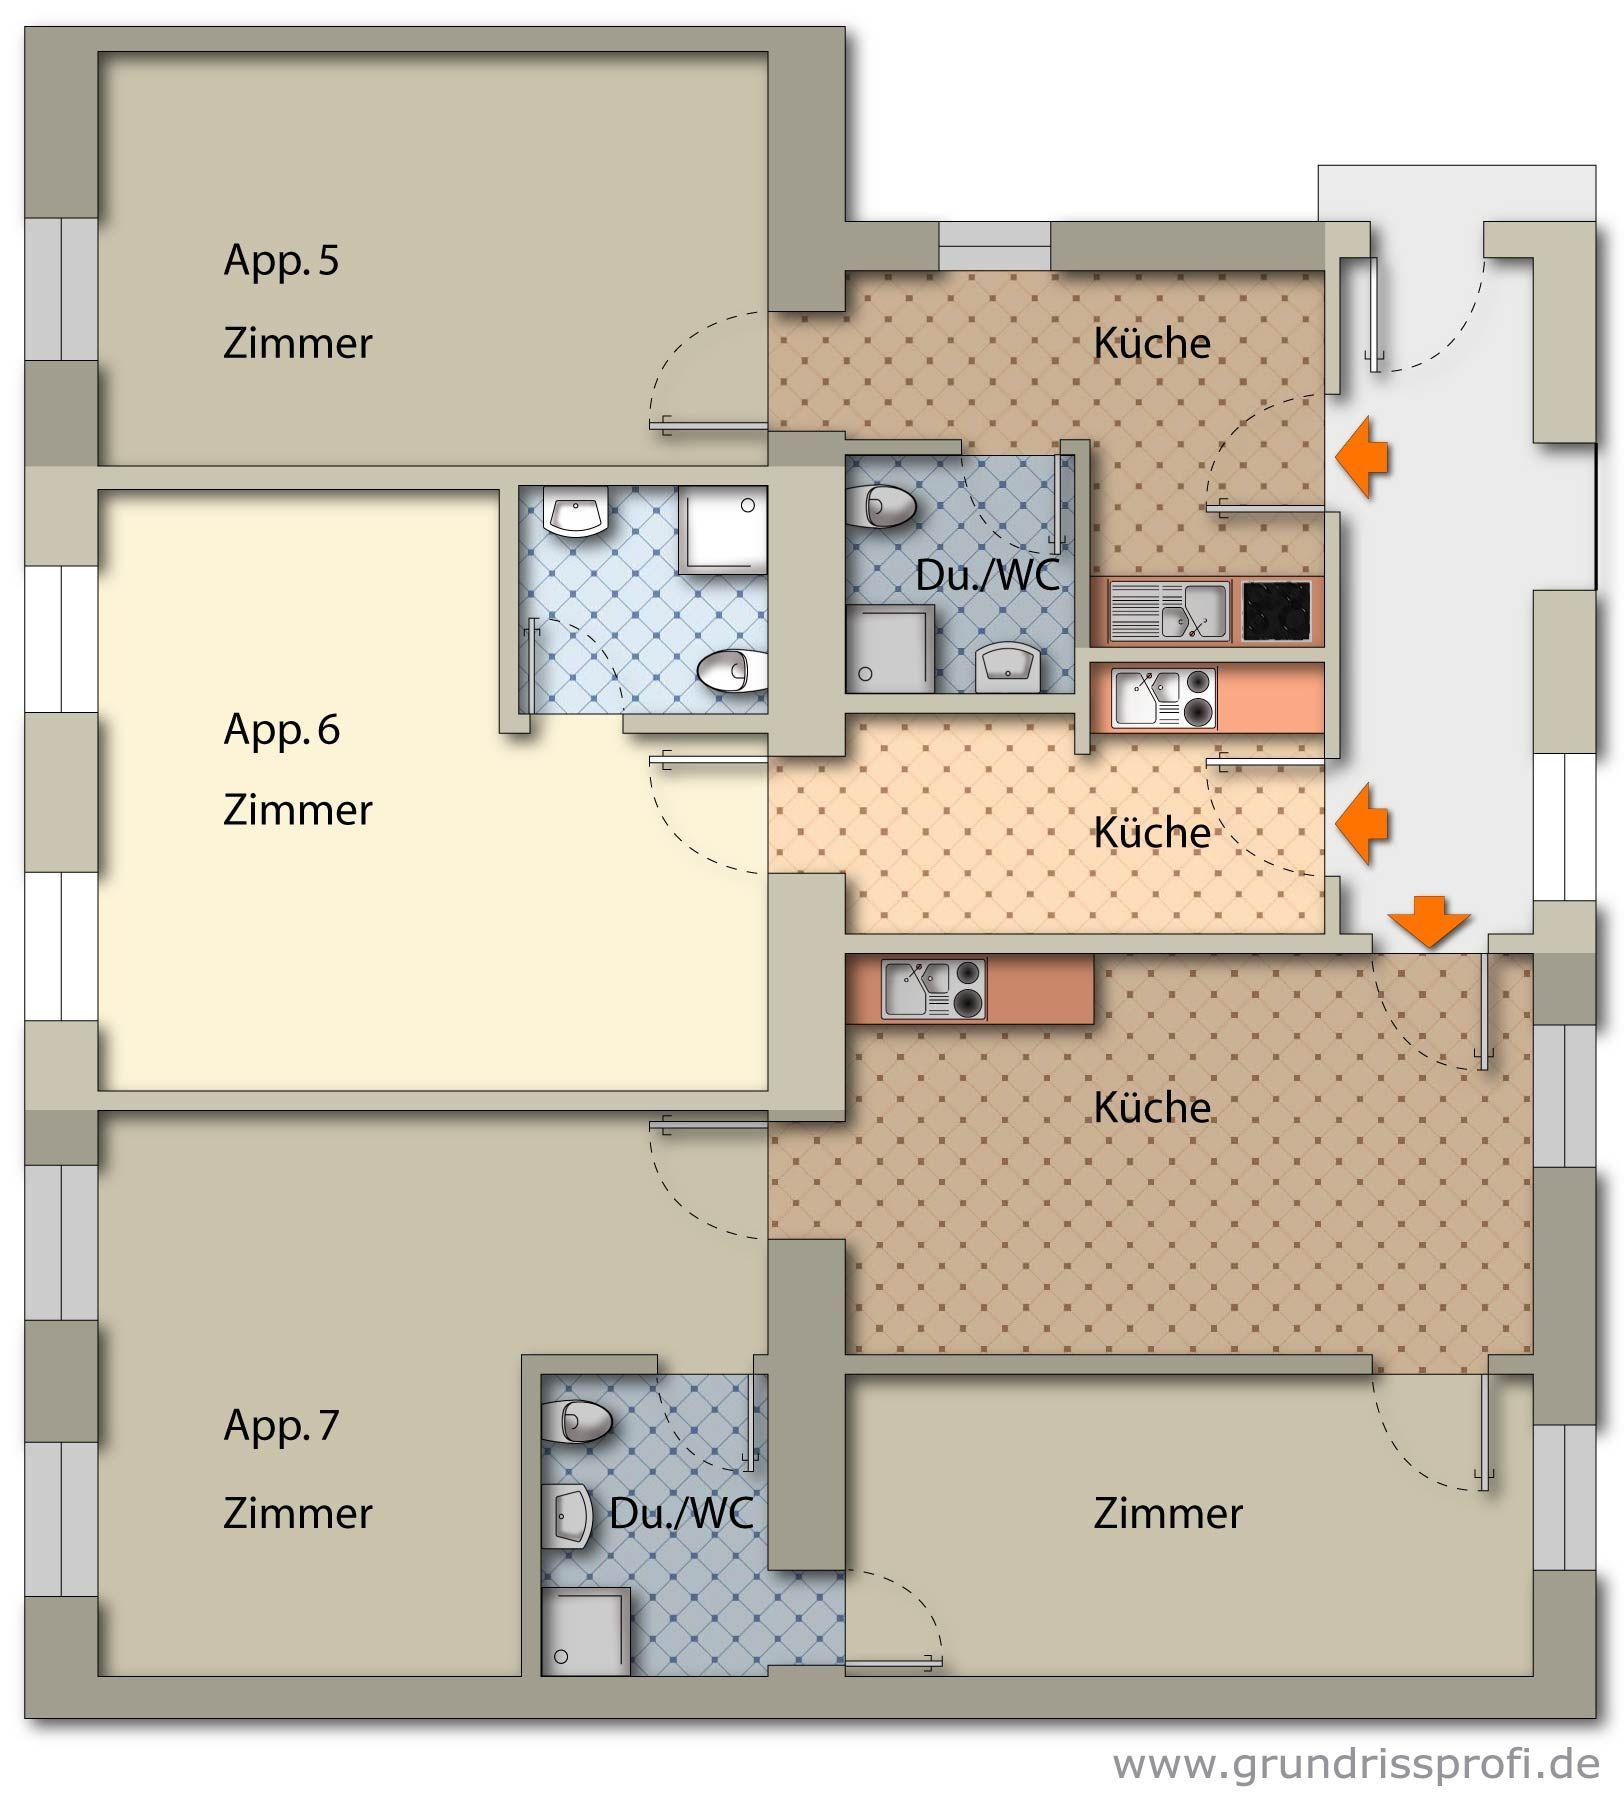 Stockwerksplan // Floor plan App, Zimmer, Schlafzimmer